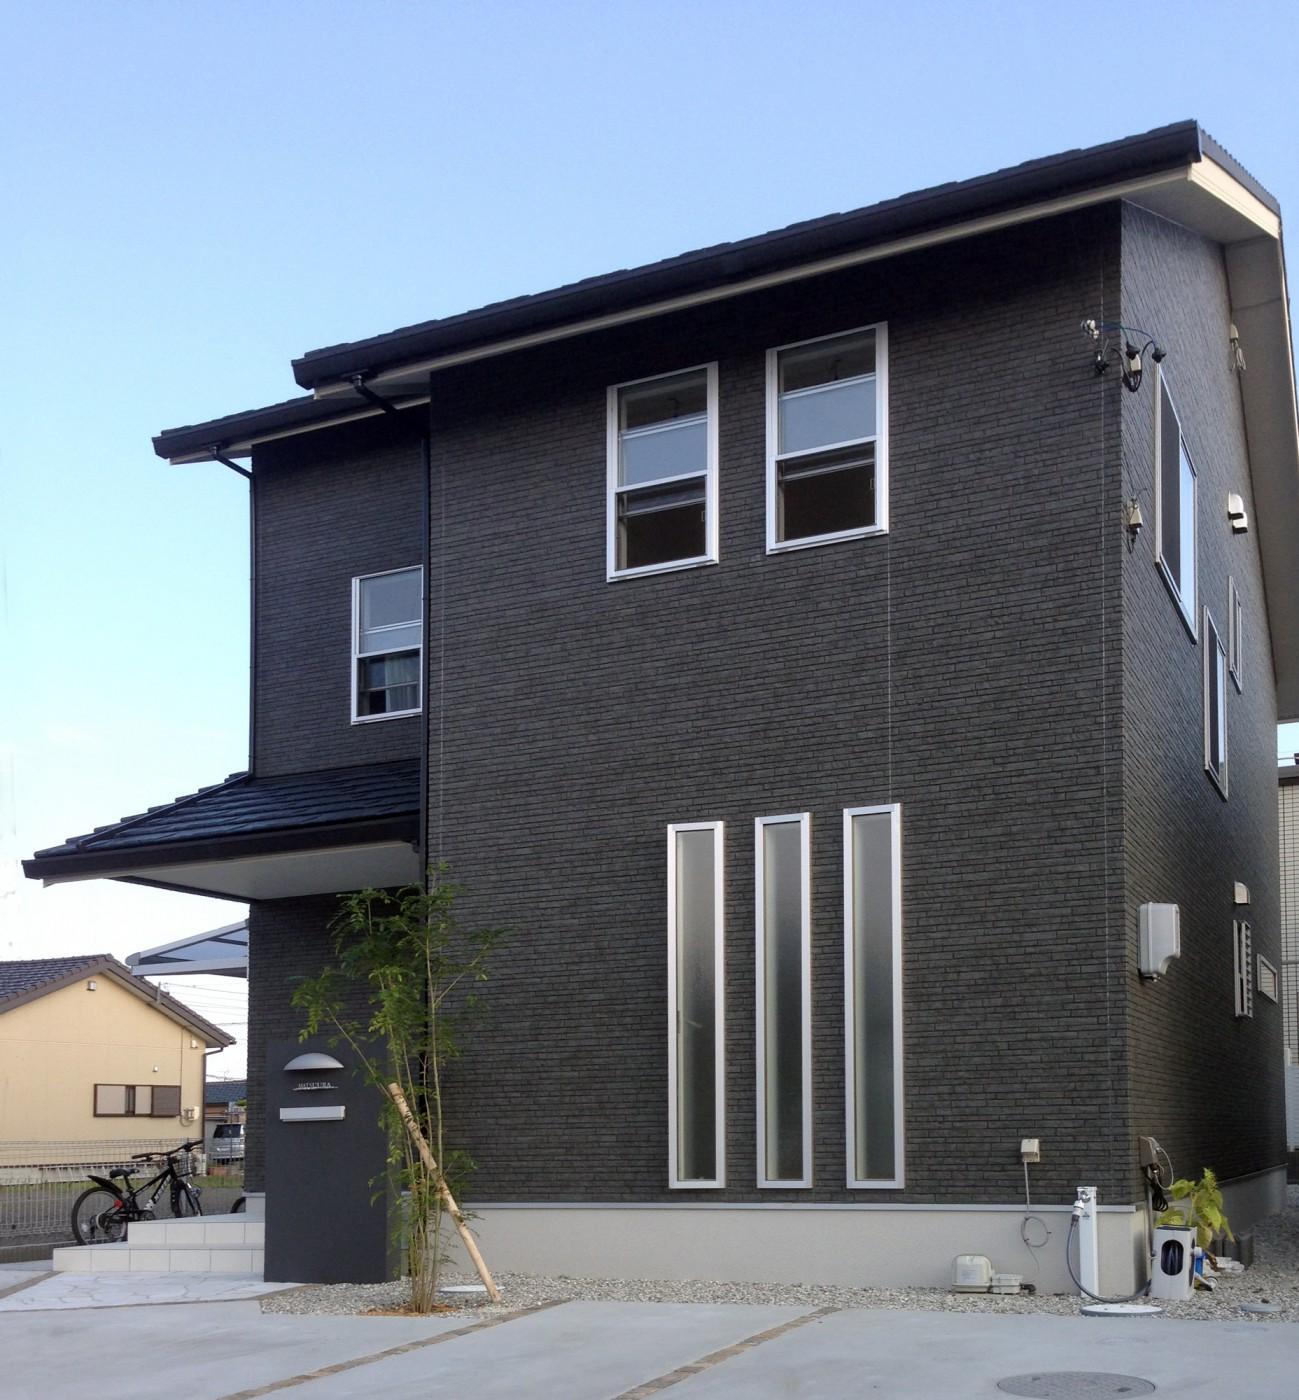 ダークな色調の外観にシンボルツリーが映えるお家です。